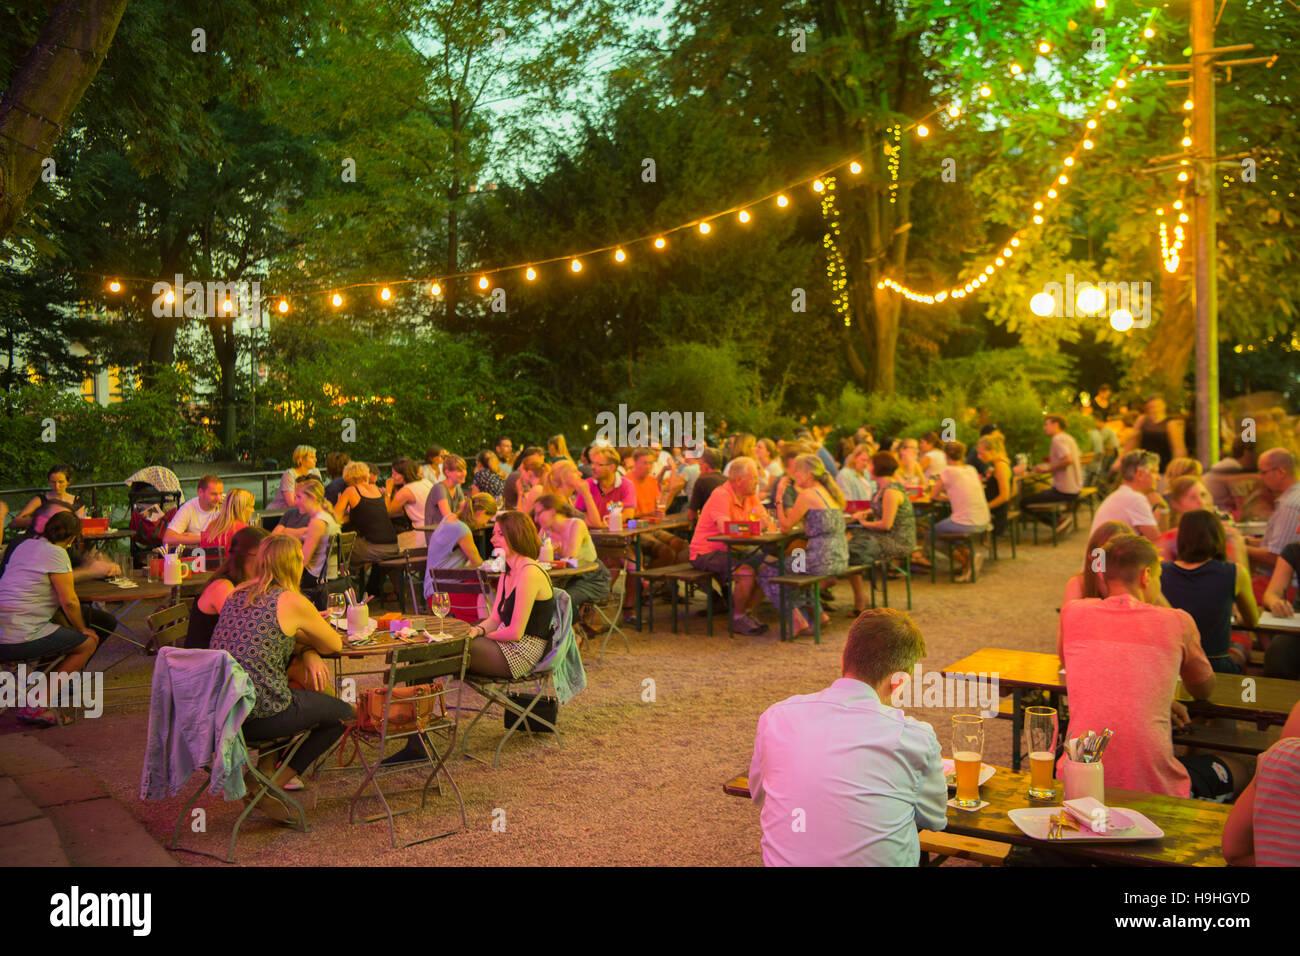 Parkanlage stockfotos parkanlage bilder alamy - Stadtgarten hamburg ...